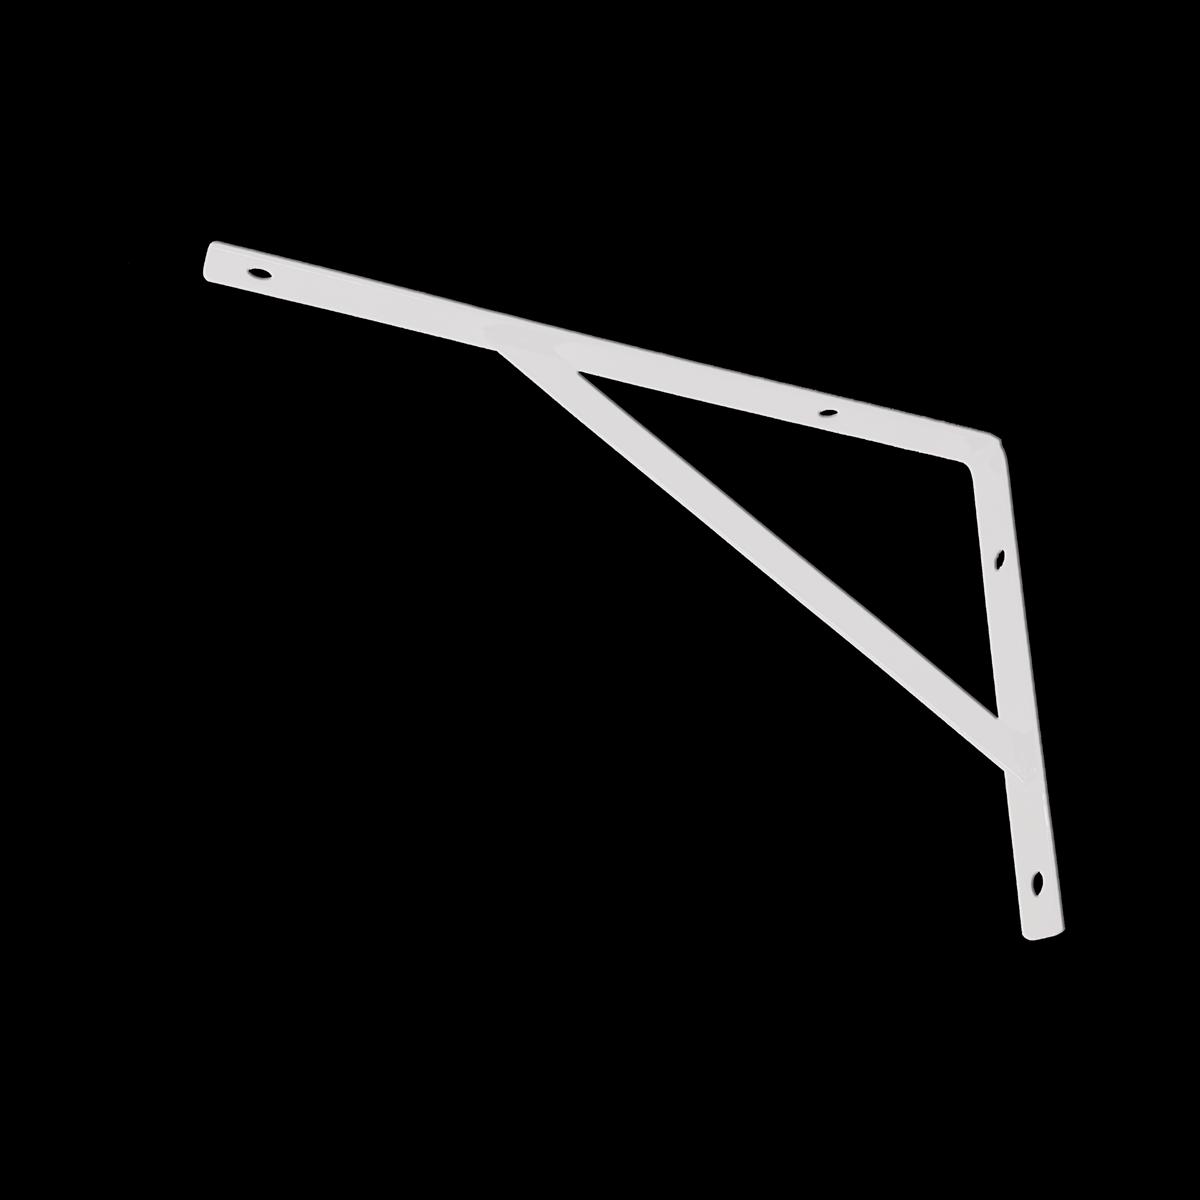 Suporte Mão Francesa Branco 15cm de altura x 25cm de comprimento